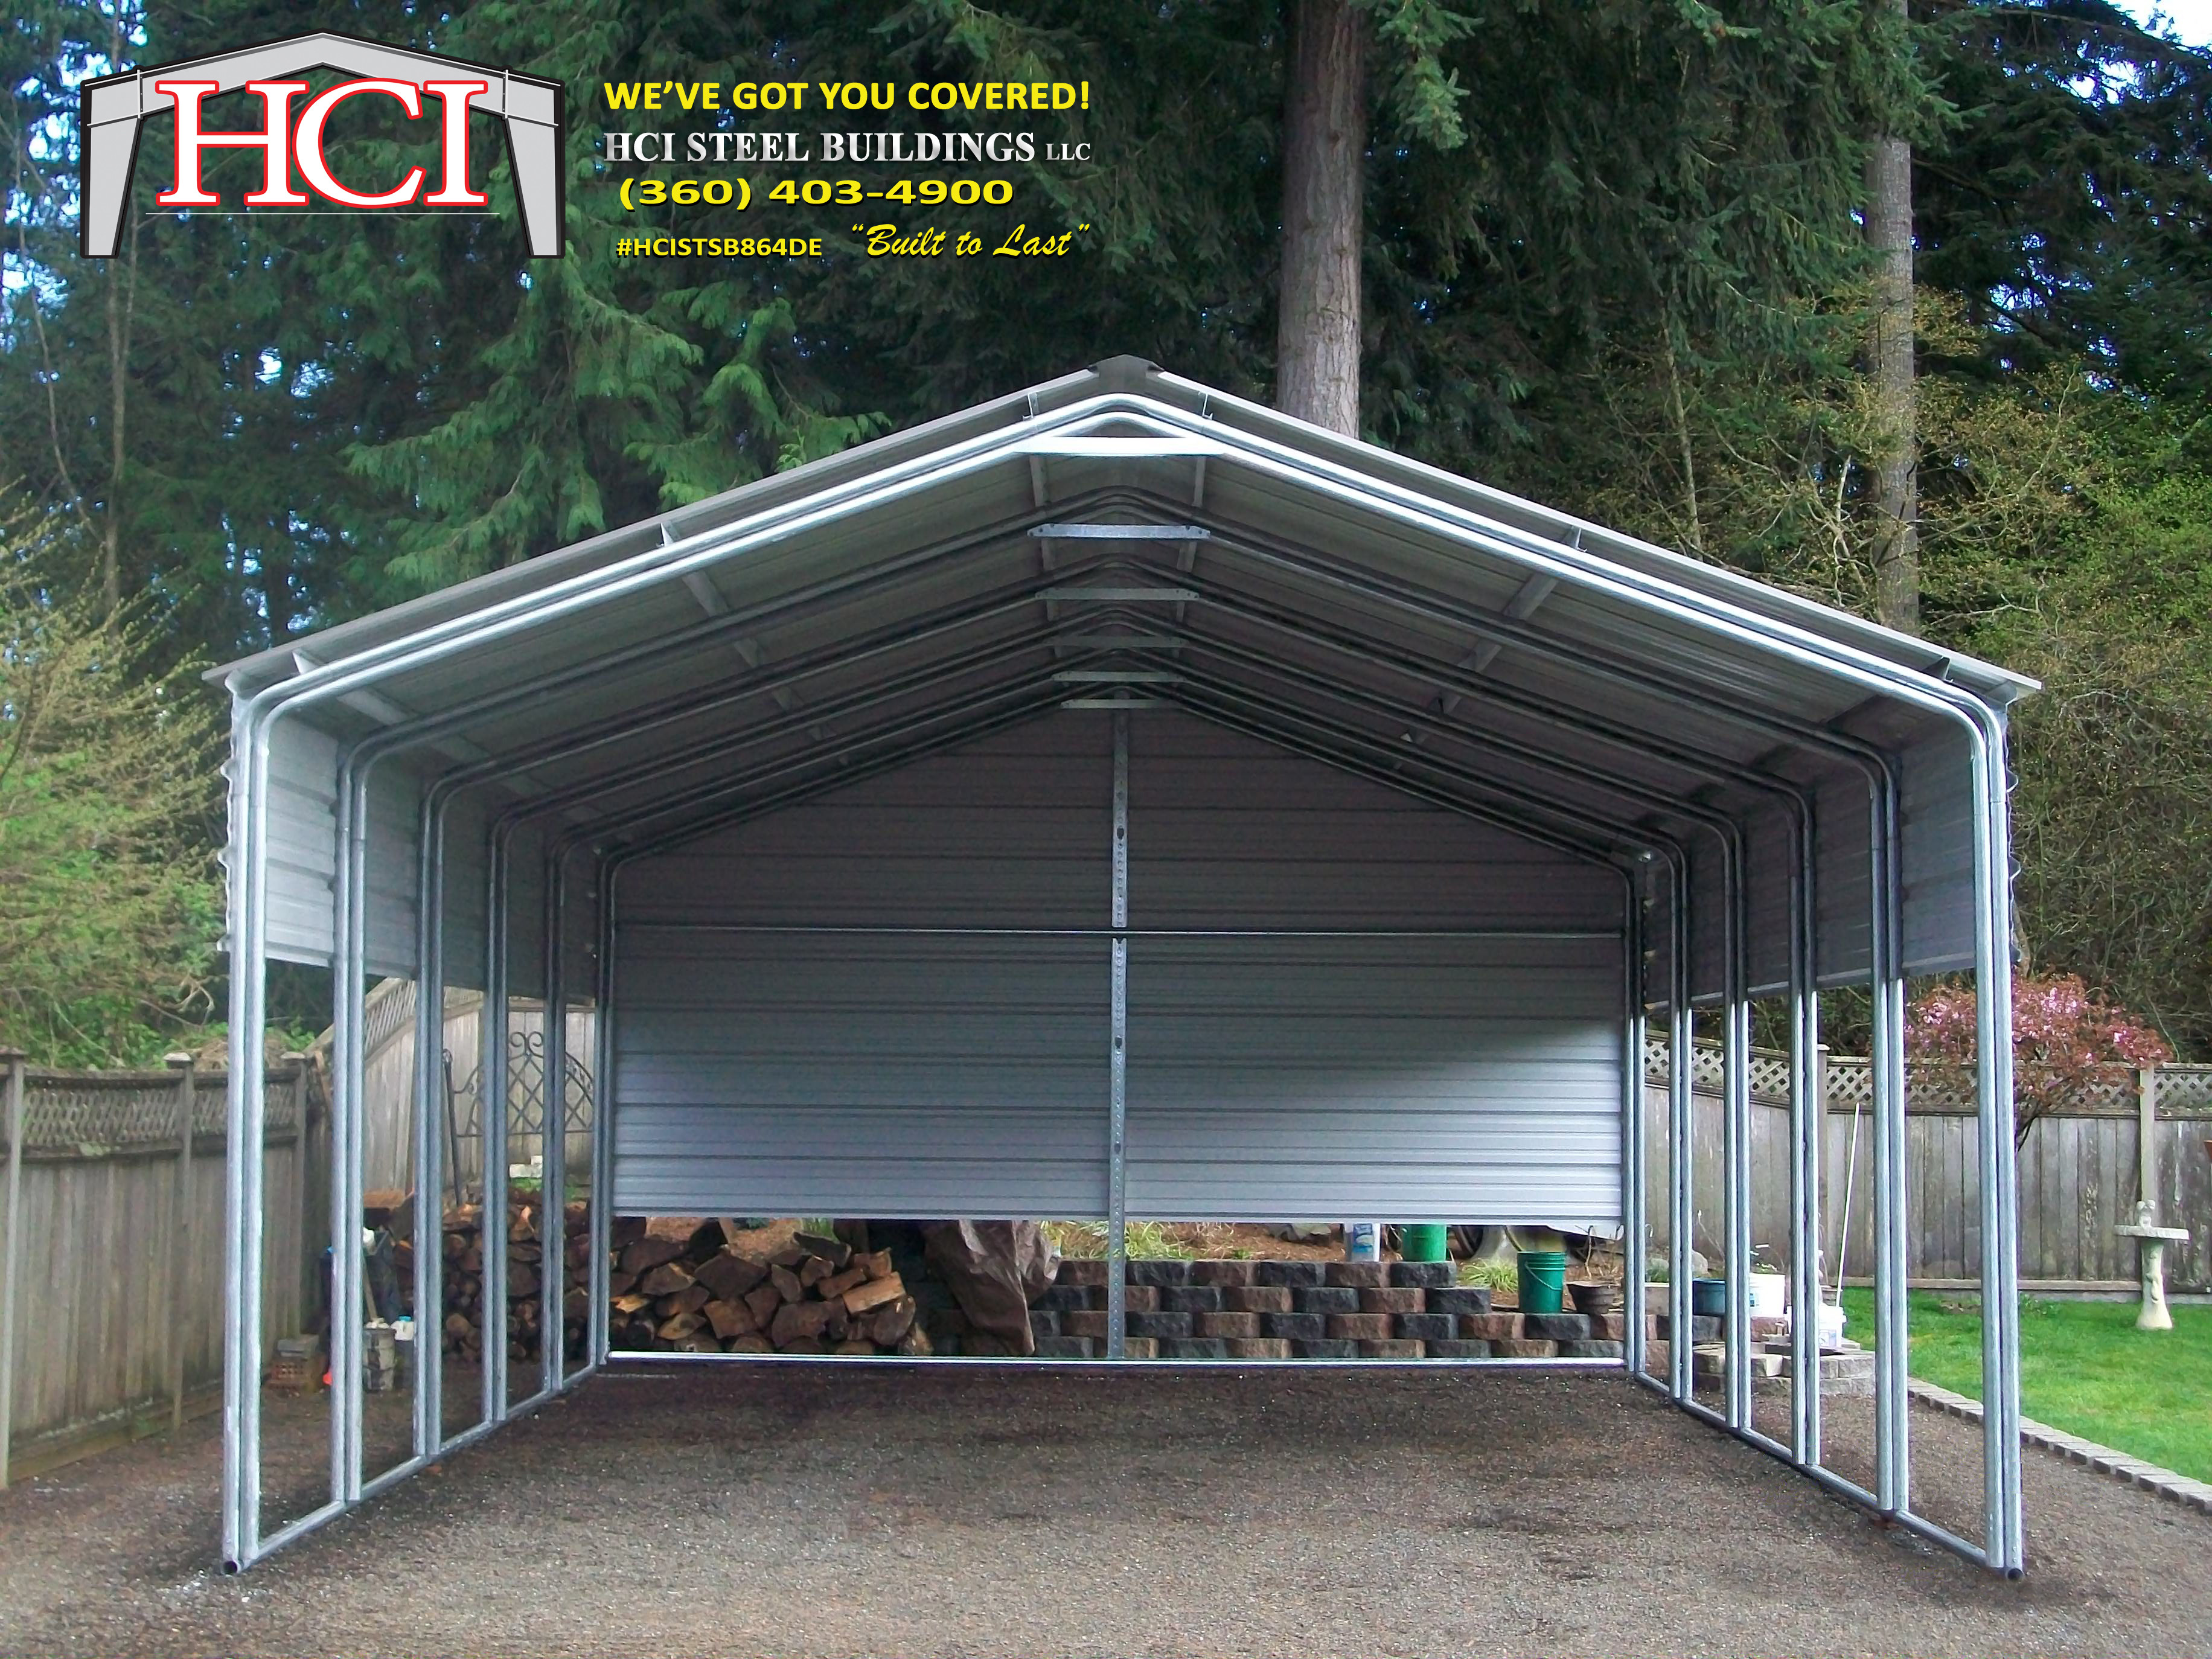 10 10 Metal Carport : Metalcarport hci steel buildings